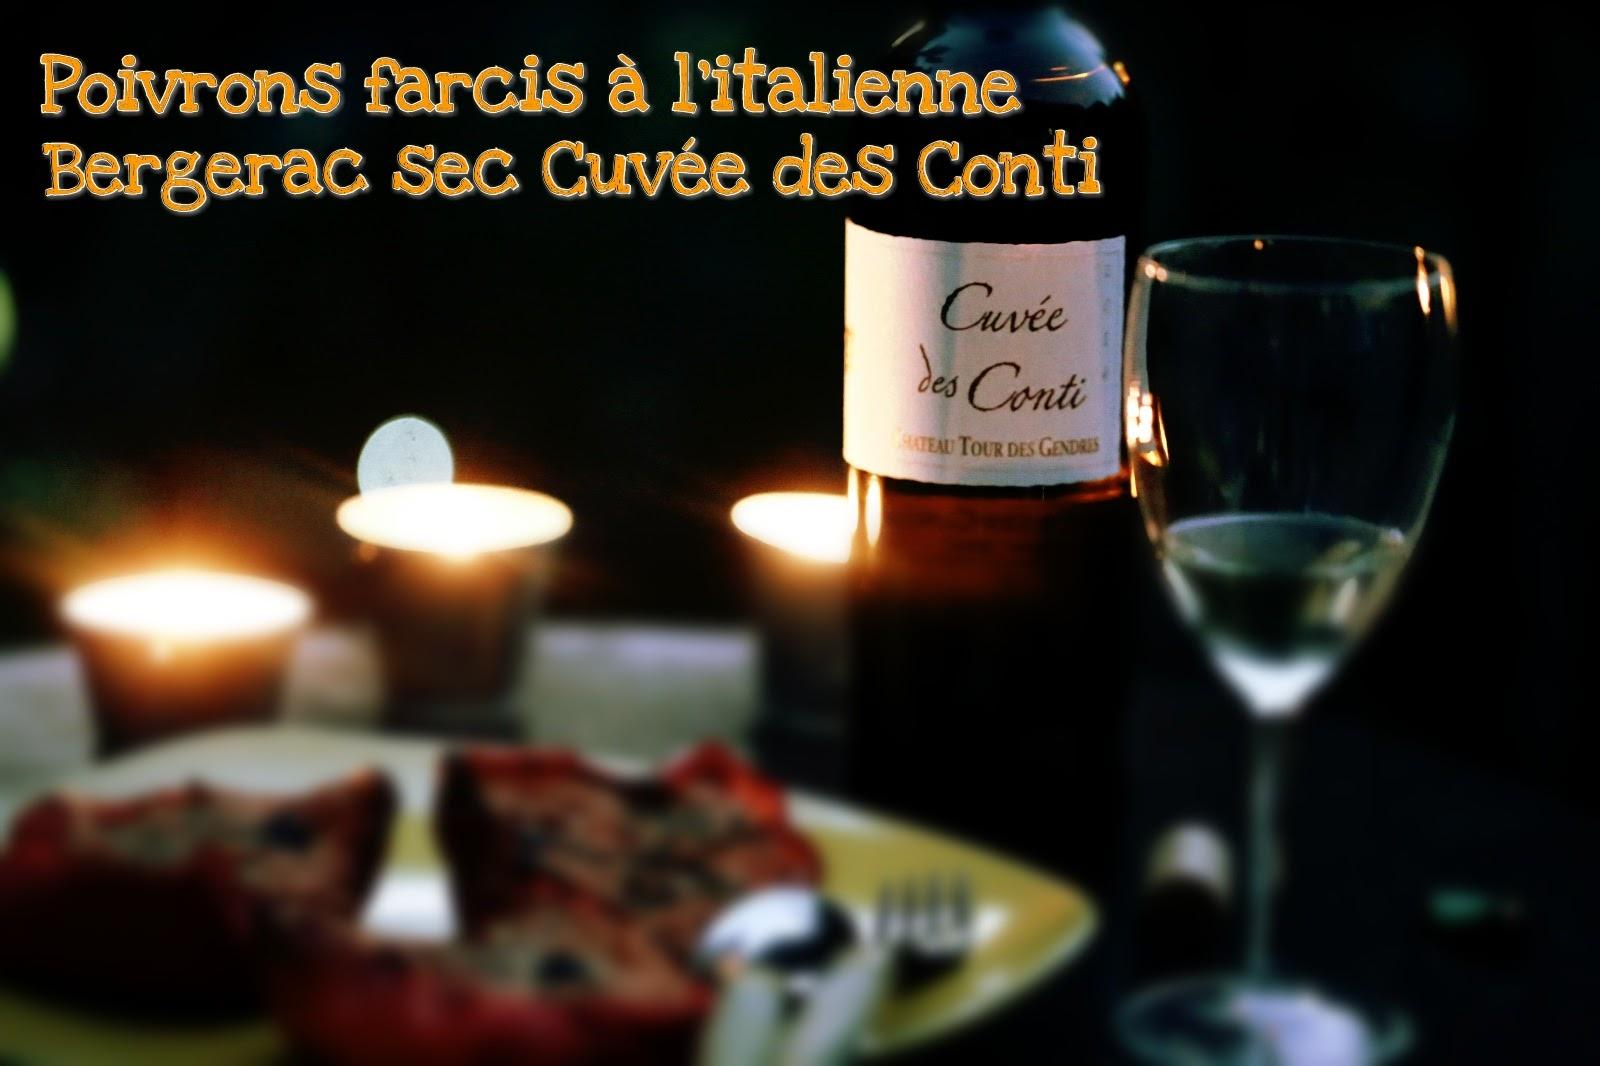 poivrons farcis italienne bergerac sec cuvee des conti chateau tour des gendres